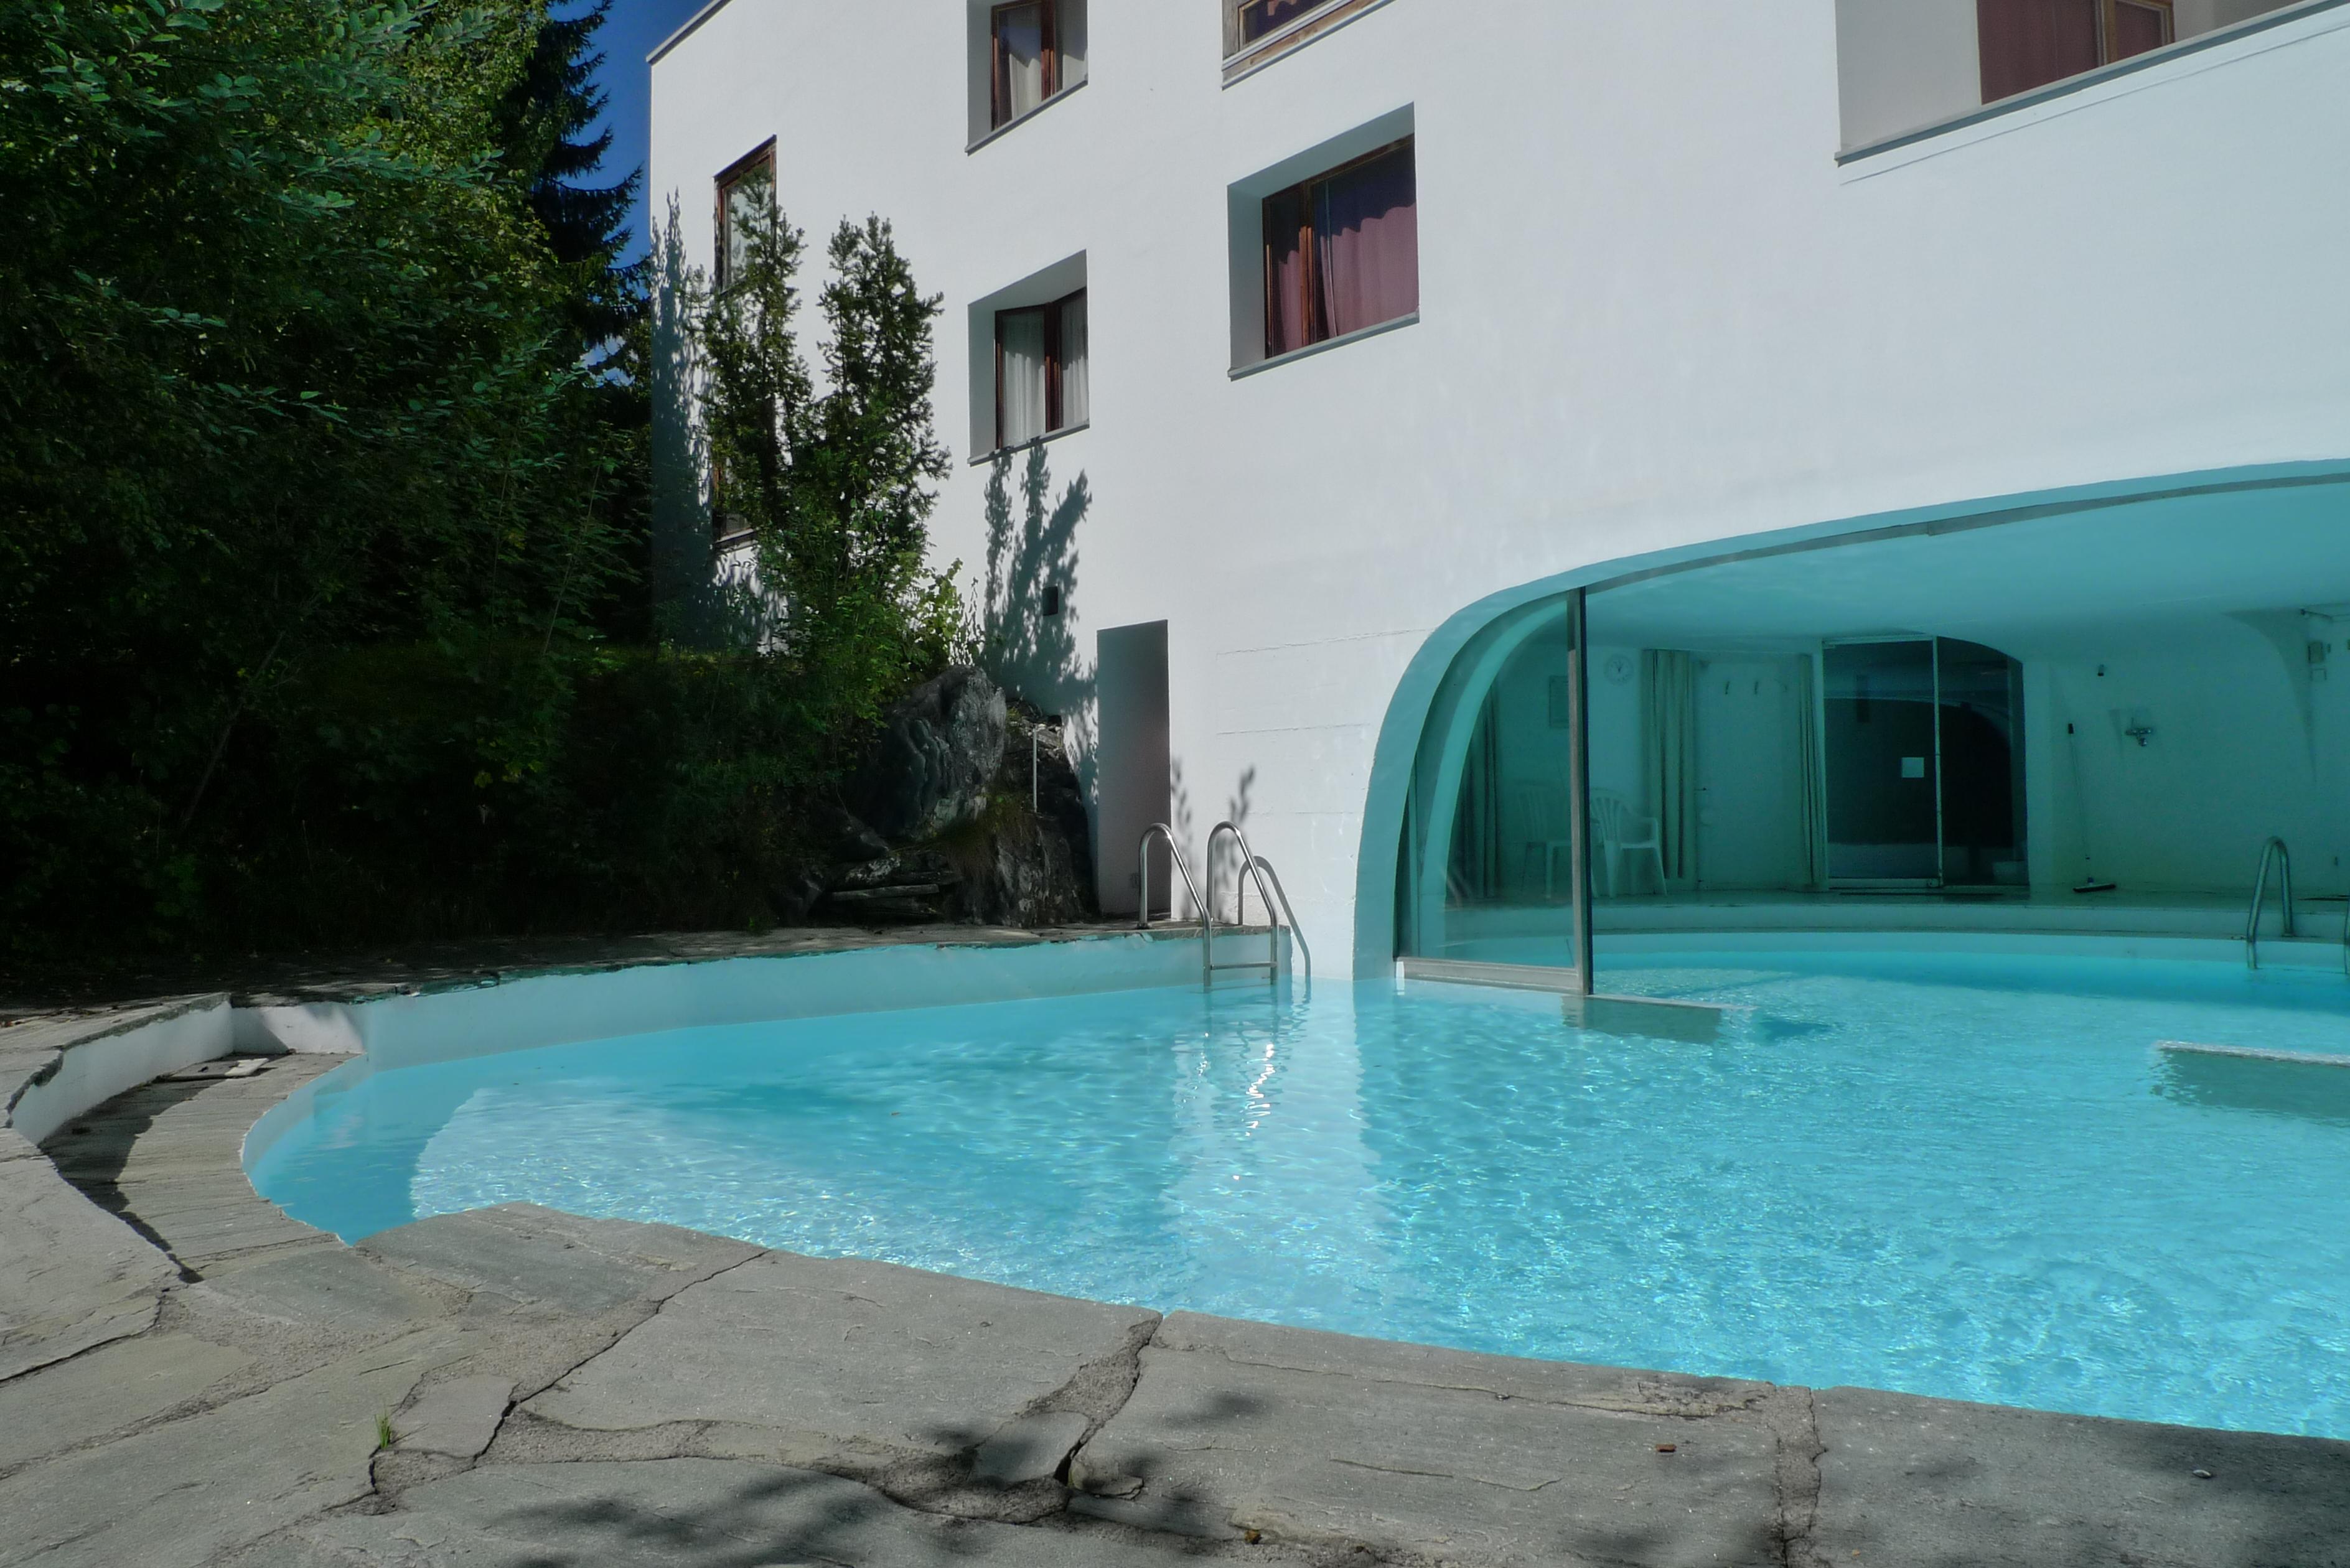 Pool Casa Las Caglias